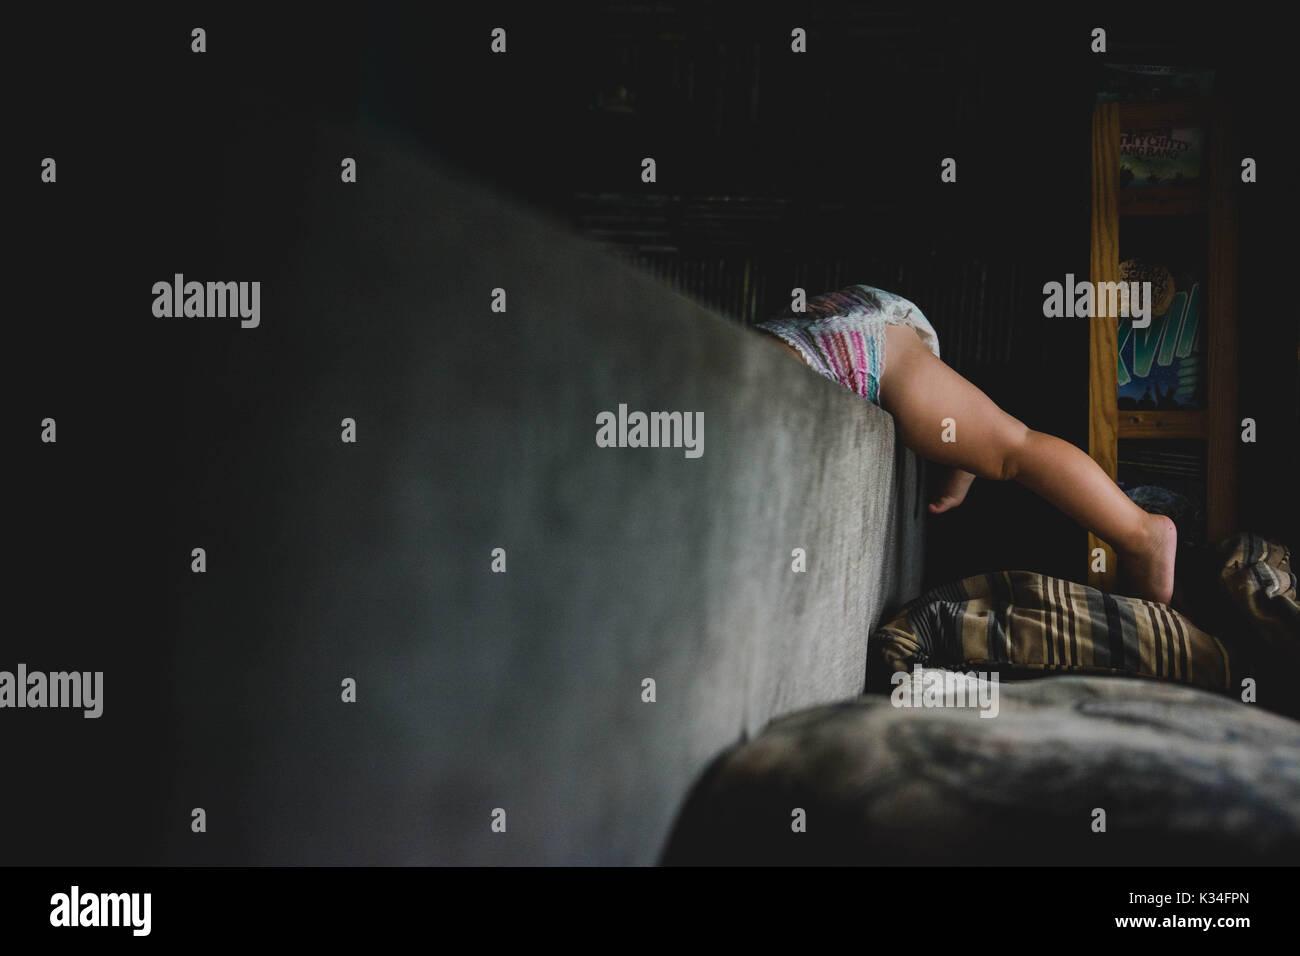 Une couche doublés toddler grimpe sur une table avec seulement ses jambes apparaissant Photo Stock